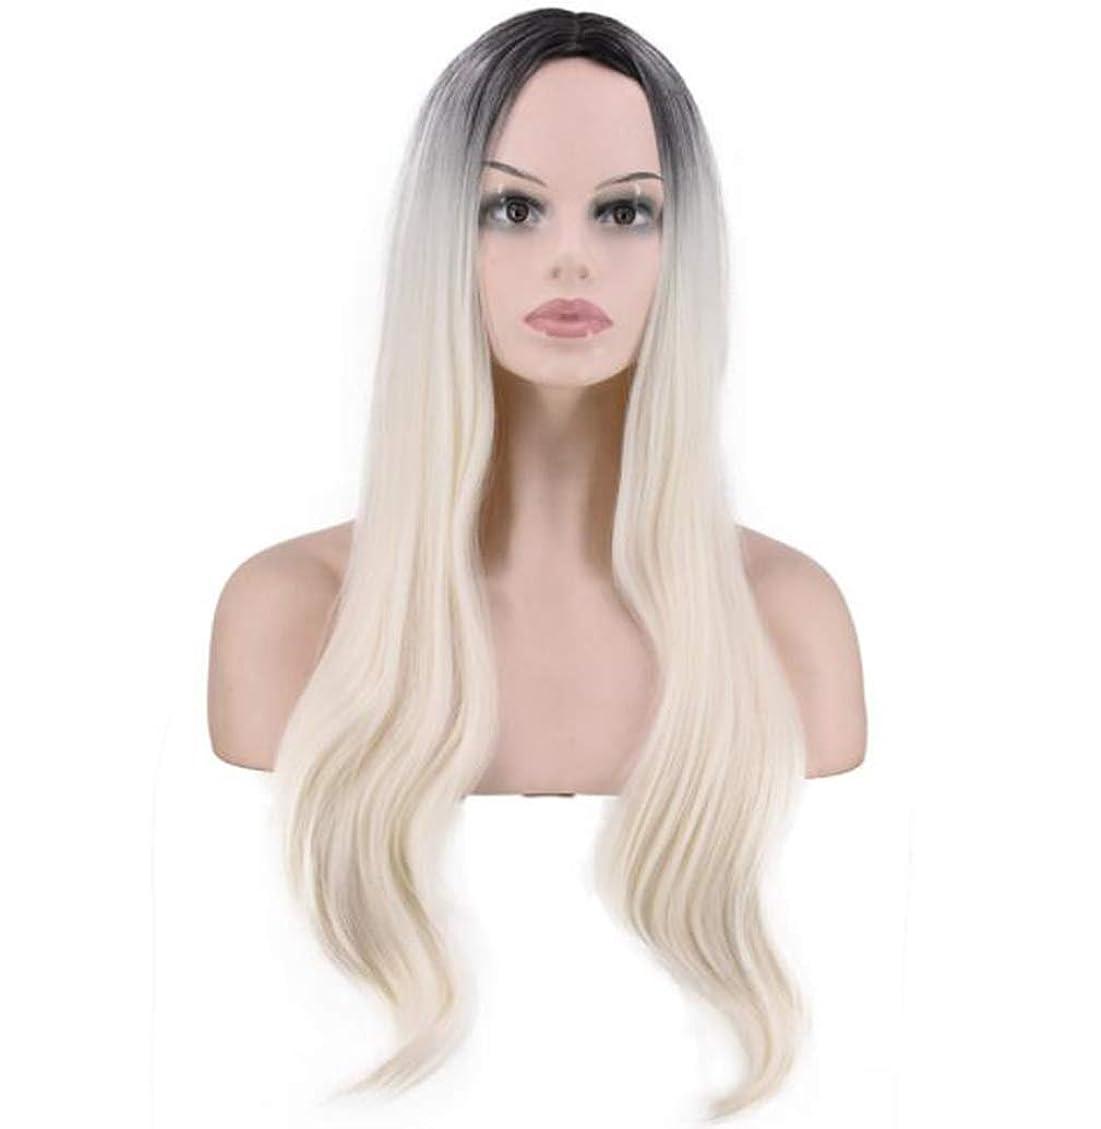 インク無駄なリベラルかつらゴールドグラデーション長い縮毛服スーツ女性の長い縮毛花ドレスブロンドコスプレパーティー衣類女性のかつら